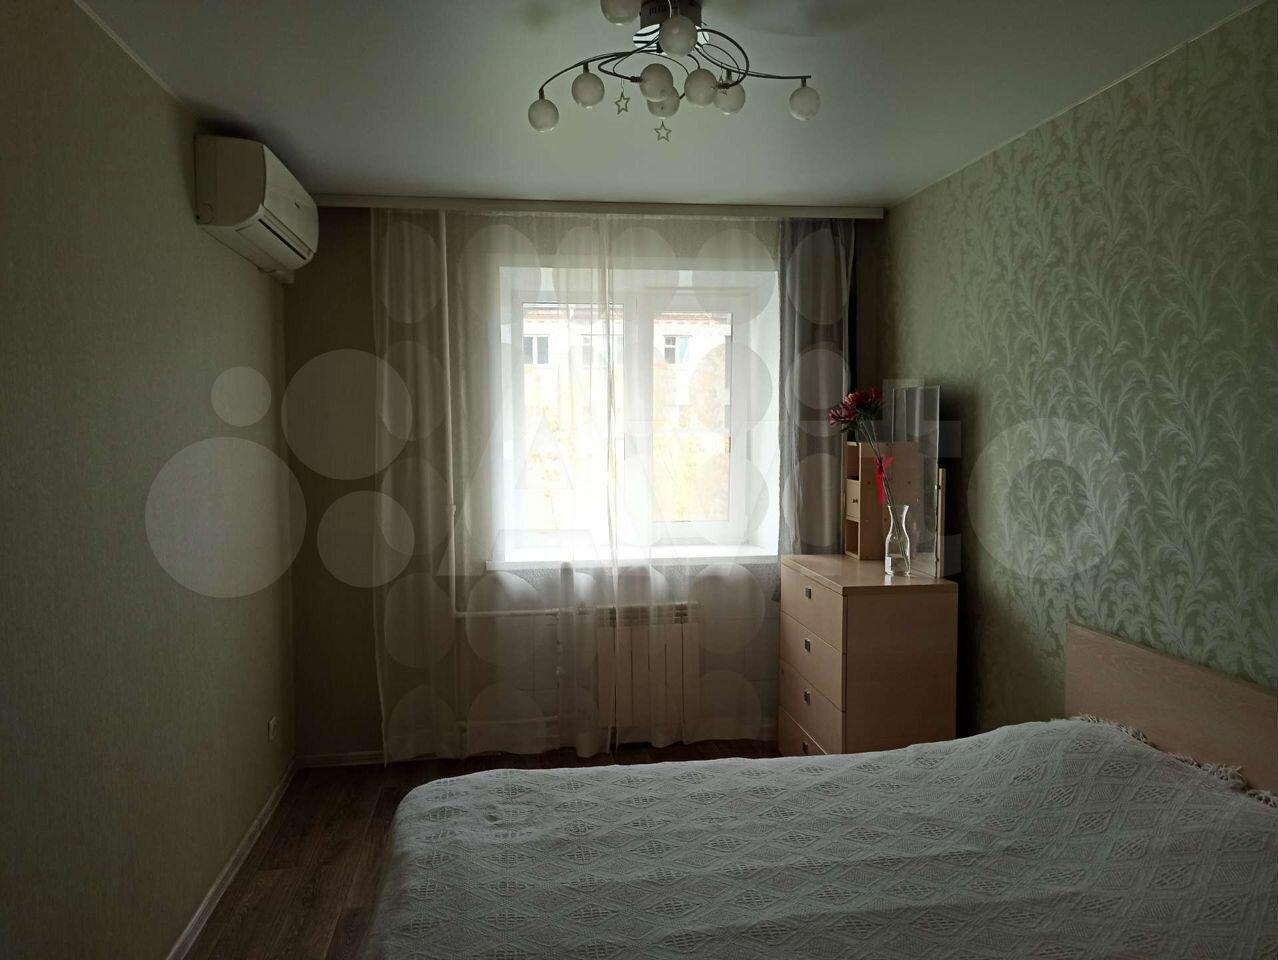 2-к квартира, 42.8 м², 4/5 эт.  89095007388 купить 3